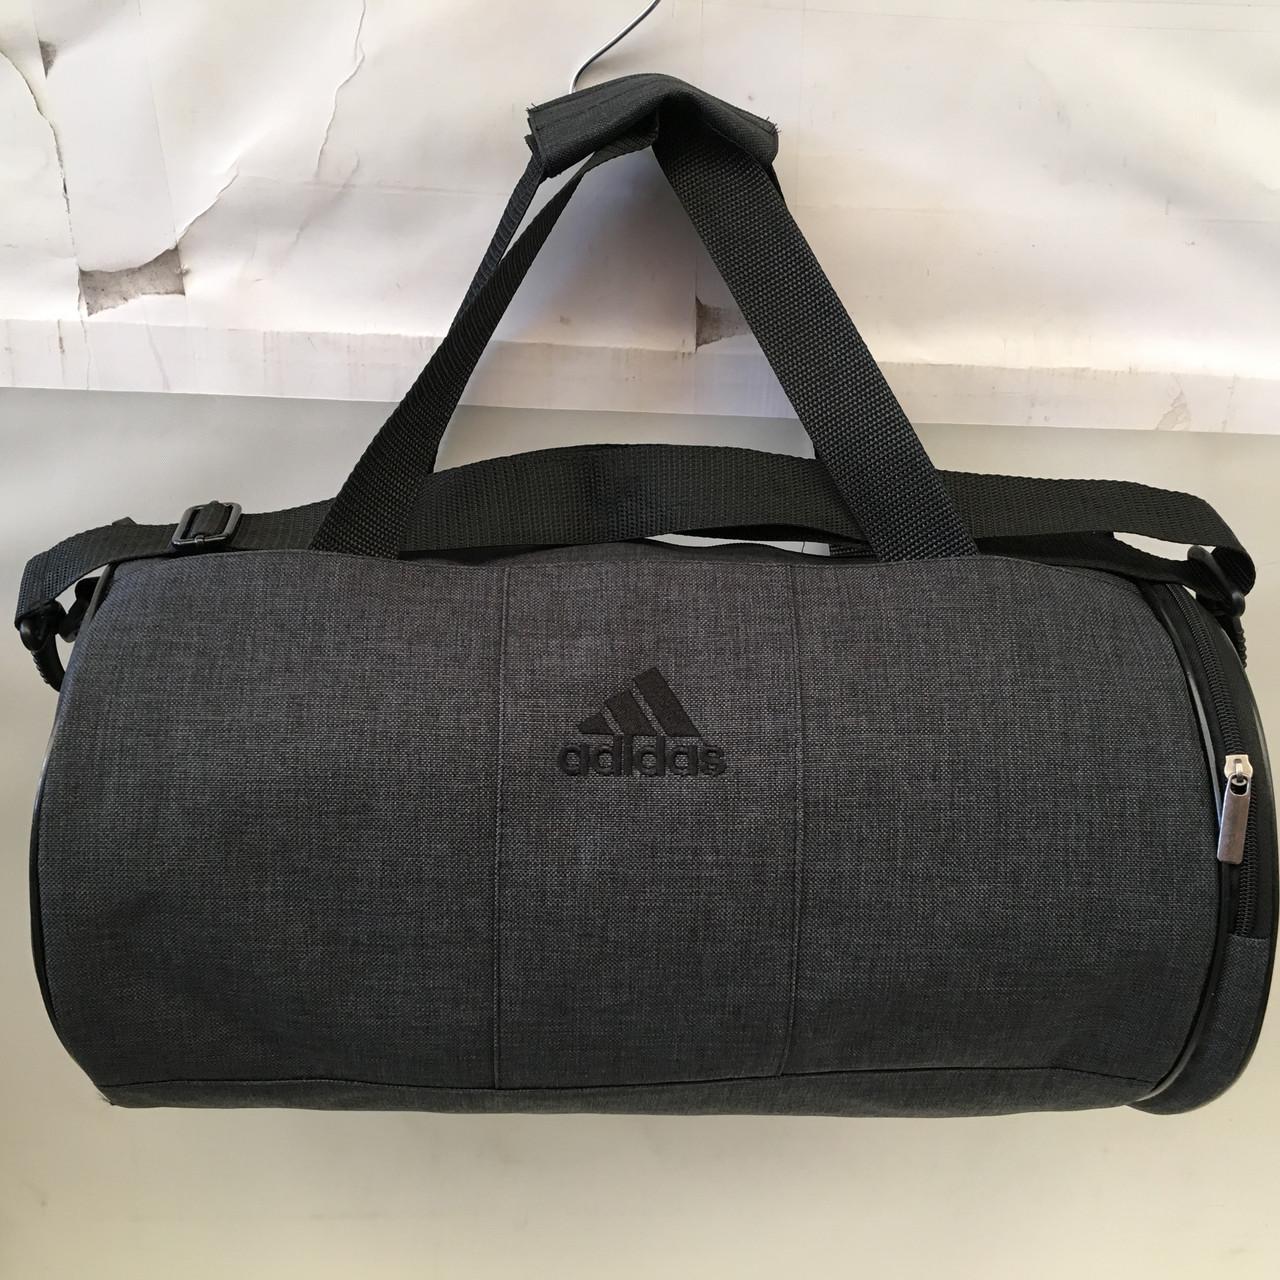 1f239585c918 Спортивная сумка Adidas.Сумка дорожная, спортивная Адидас 600D оптом ...